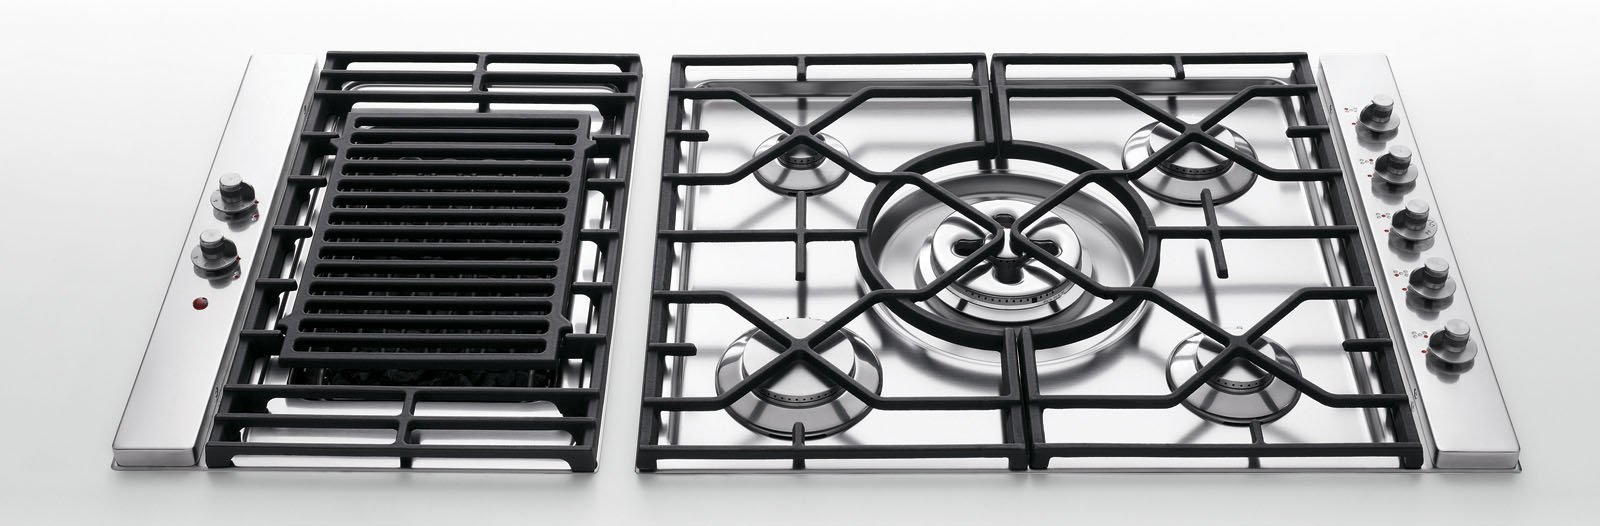 Piani cottura con o senza fiamma cose di casa - Cucine alpes inox prezzi ...